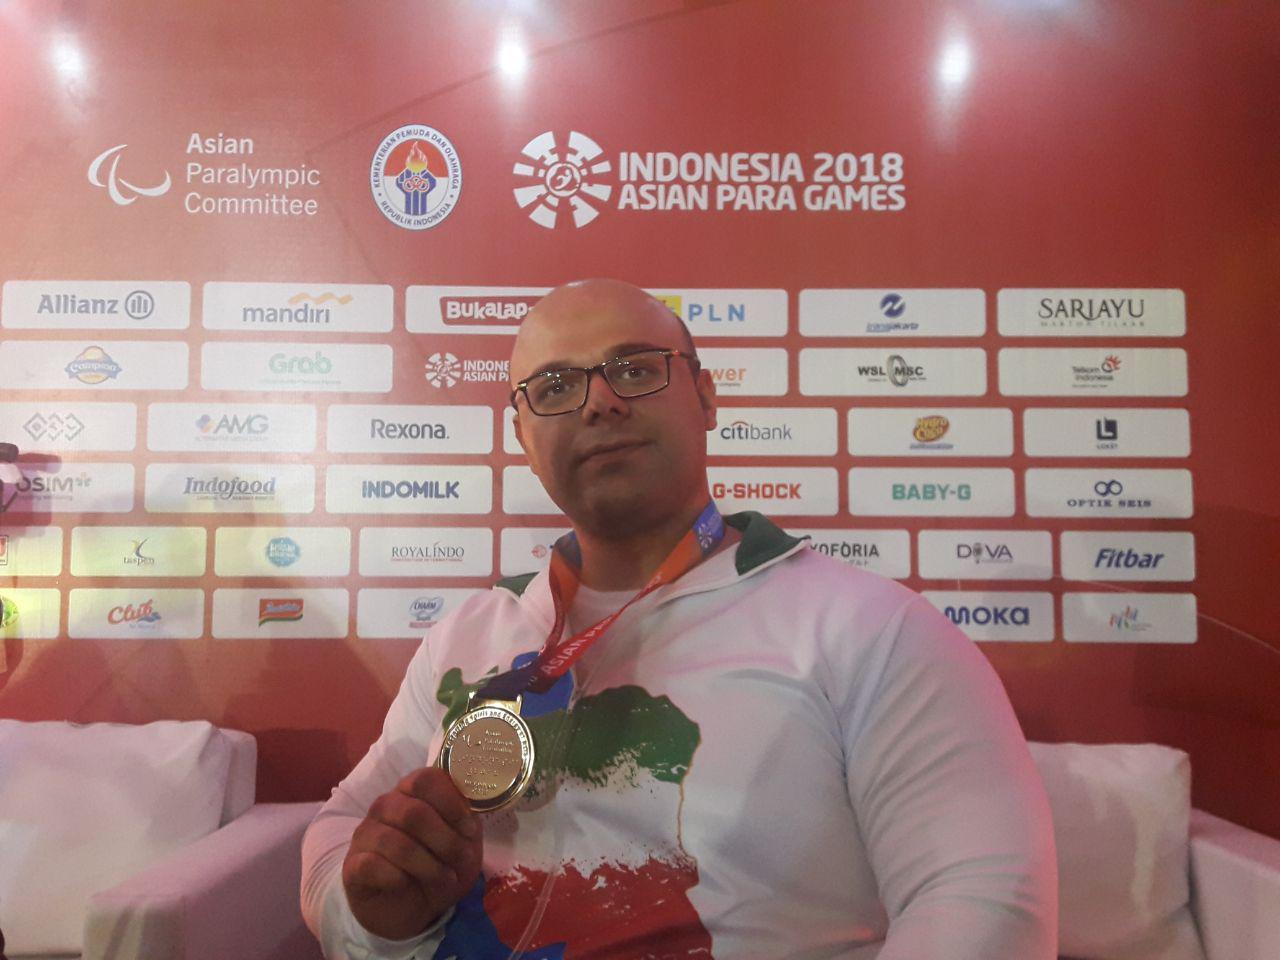 بازیهای پاراآسیایی 2018 جاکارتا؛ صلحیپور: هدفم کسب مدال طلا بود و بعد رکوردشکنی در بازیهای پاراآسیایی